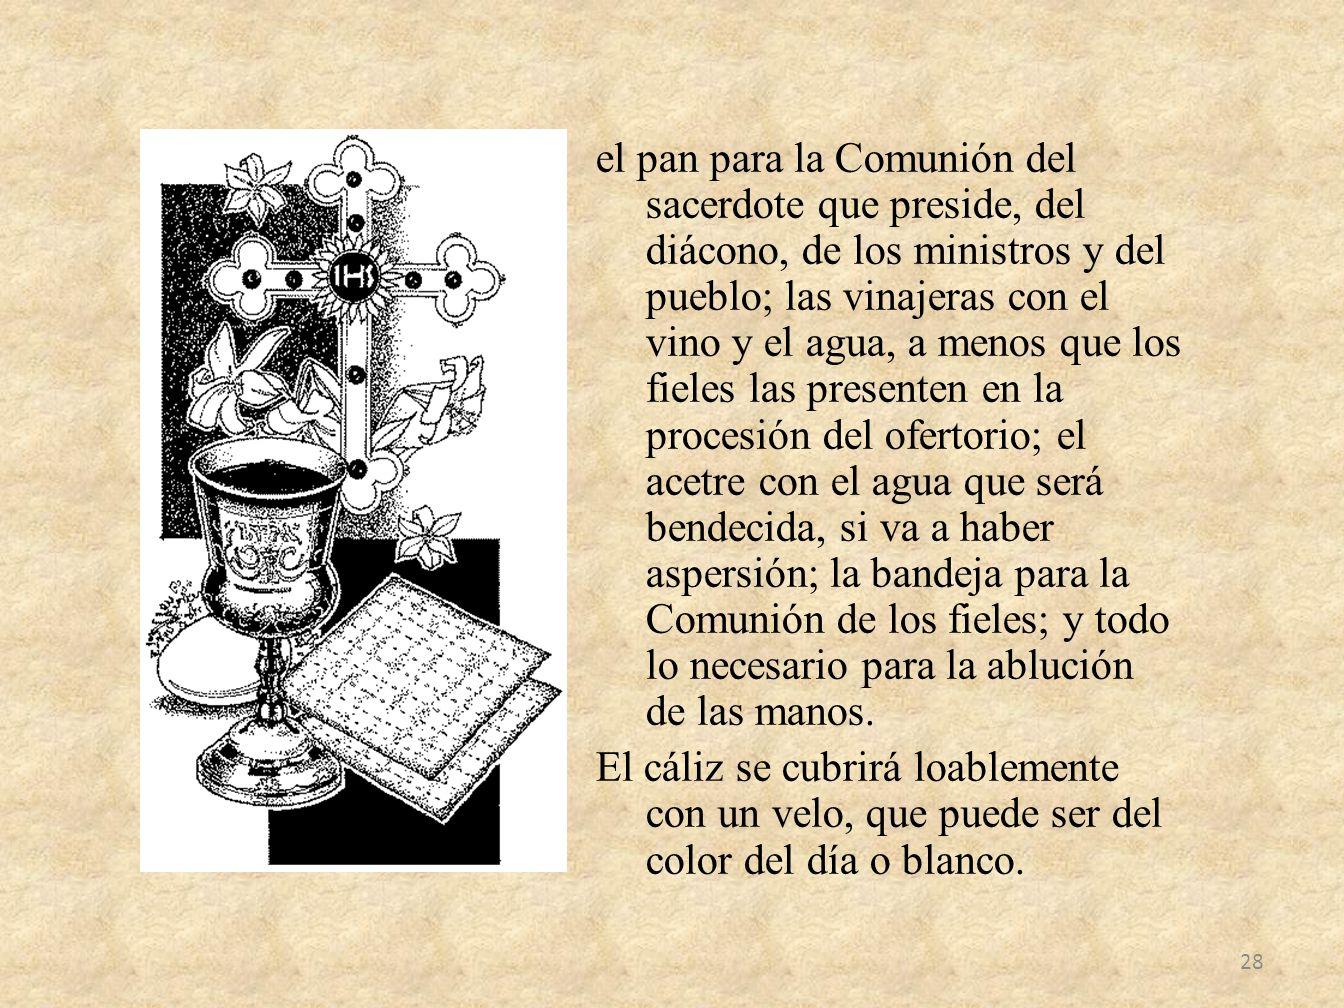 el pan para la Comunión del sacerdote que preside, del diácono, de los ministros y del pueblo; las vinajeras con el vino y el agua, a menos que los fi